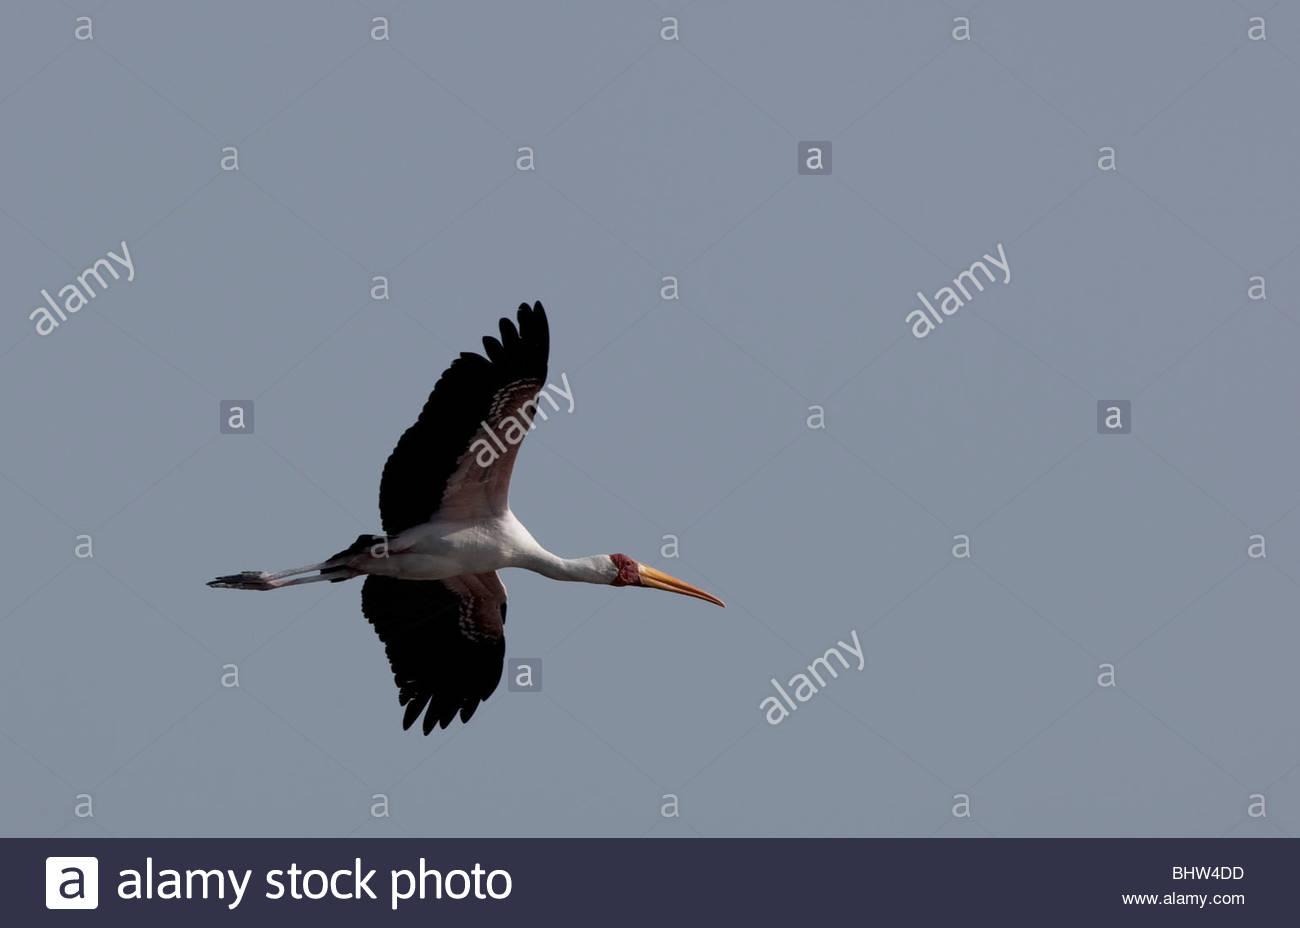 A flying Yellow-billed Stork at Lake Manyara National Park, Tanzania. - Stock Image